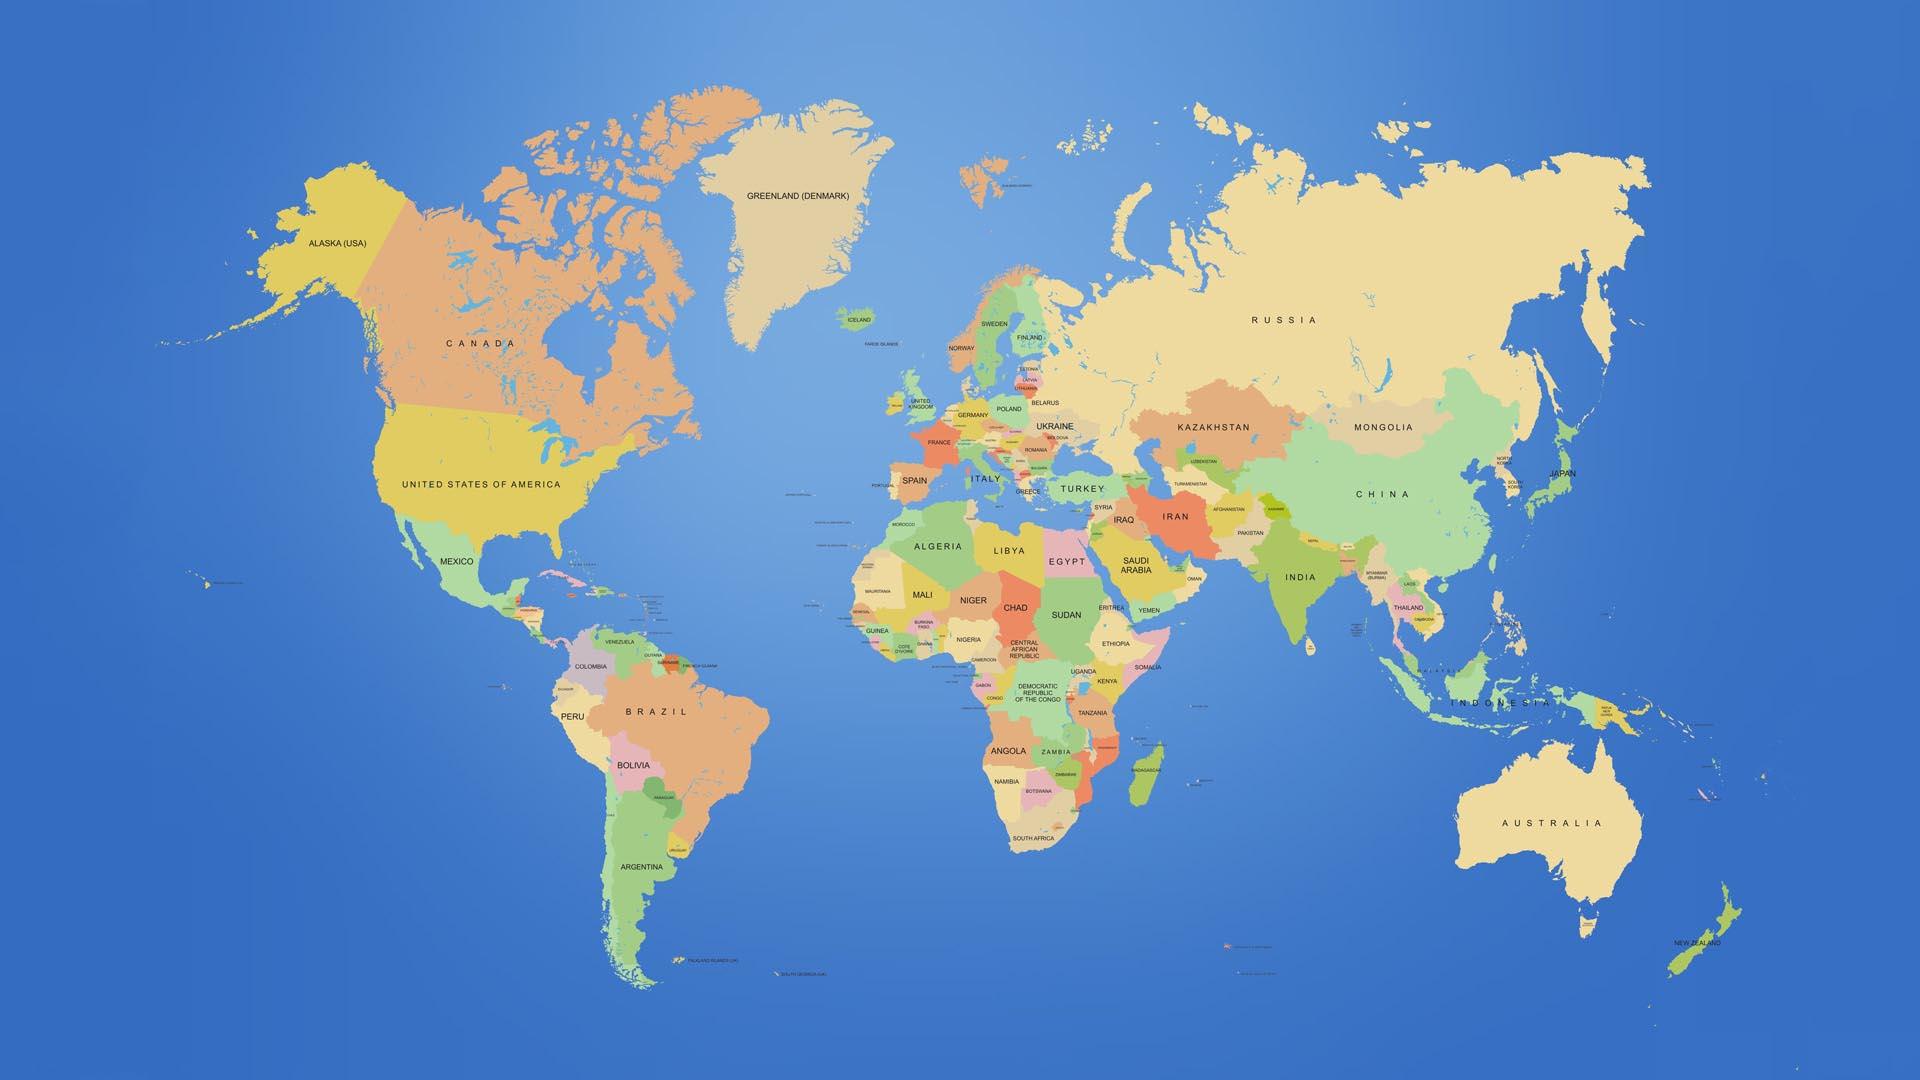 world map desktop wall paper